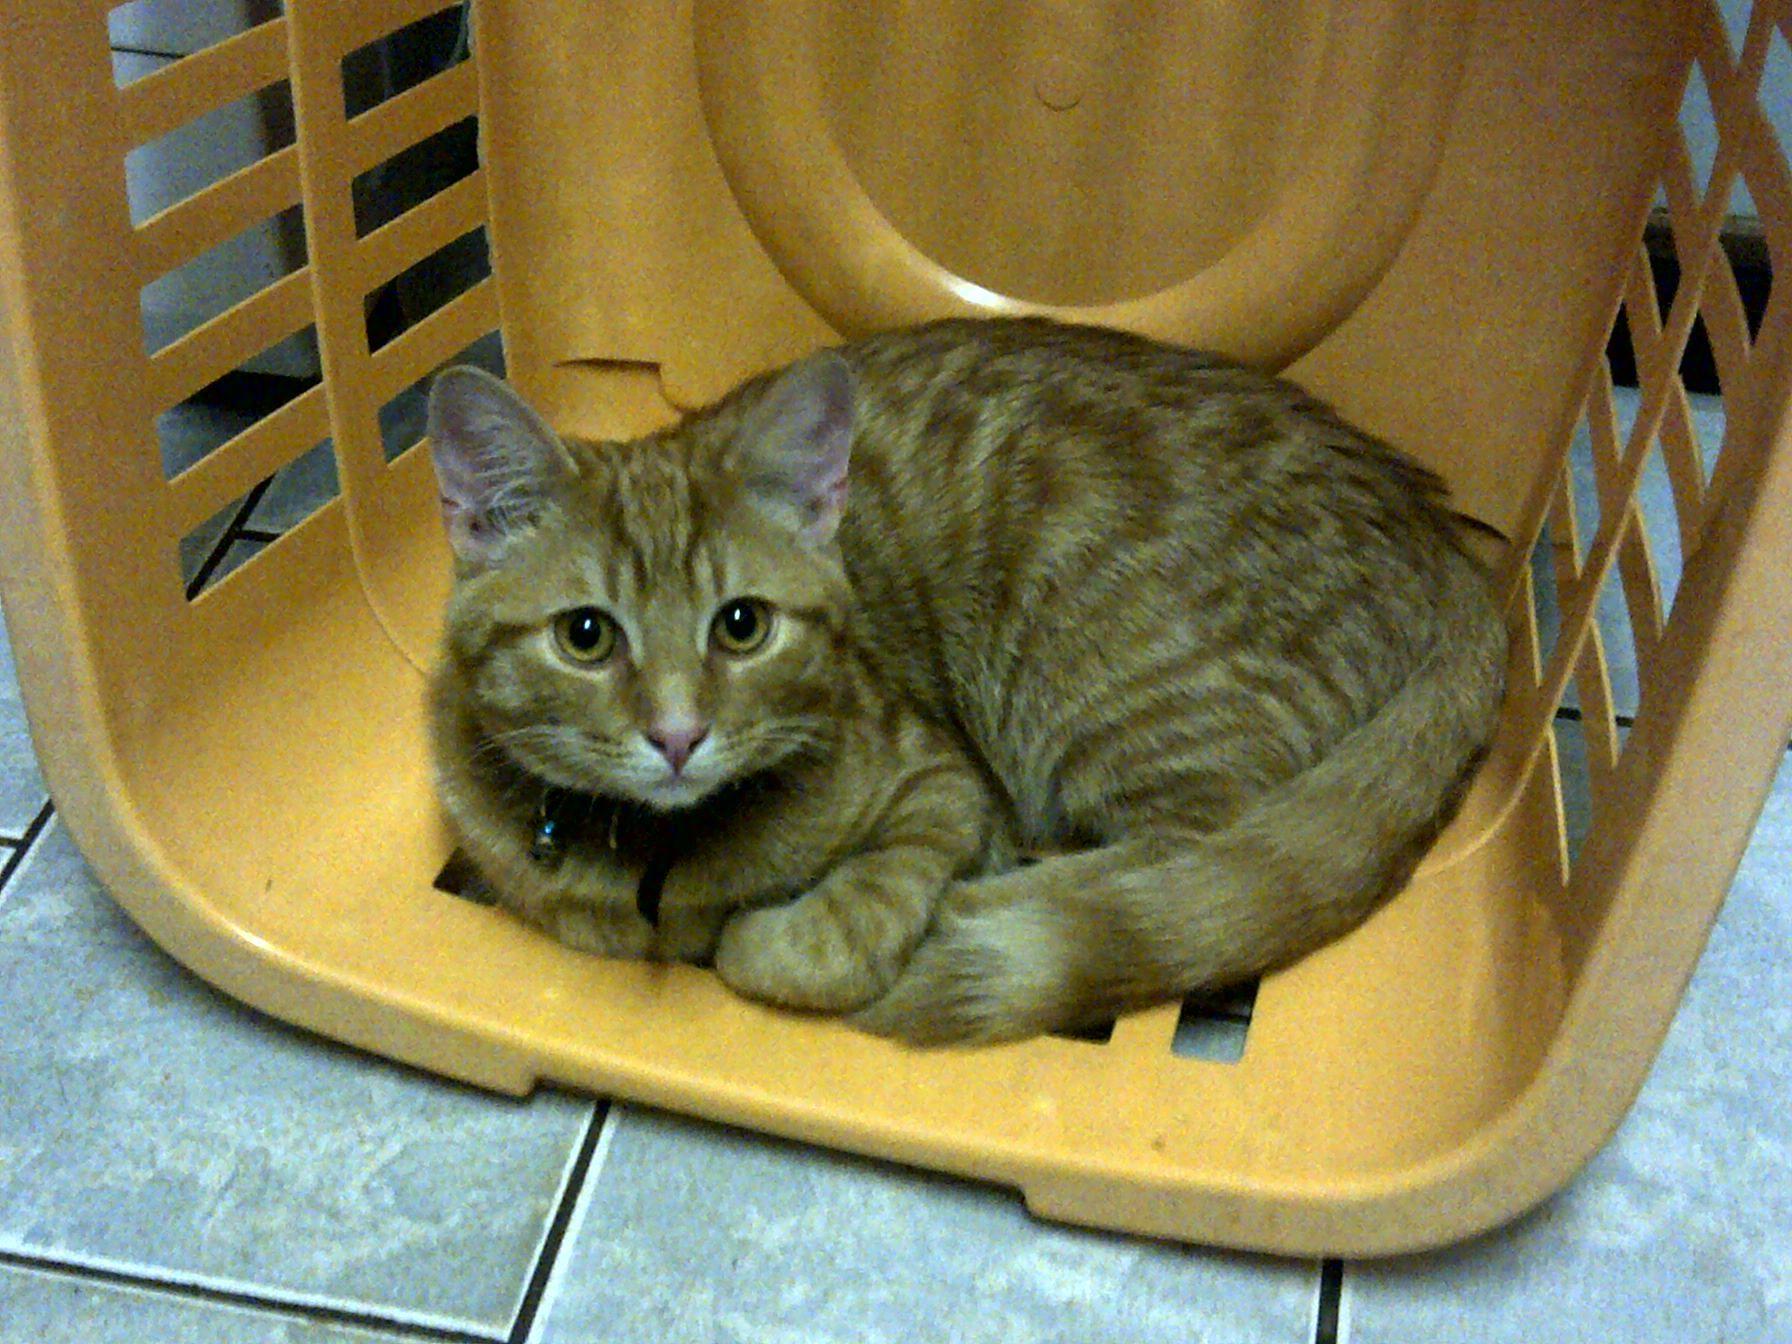 My new Kitty Gizmo